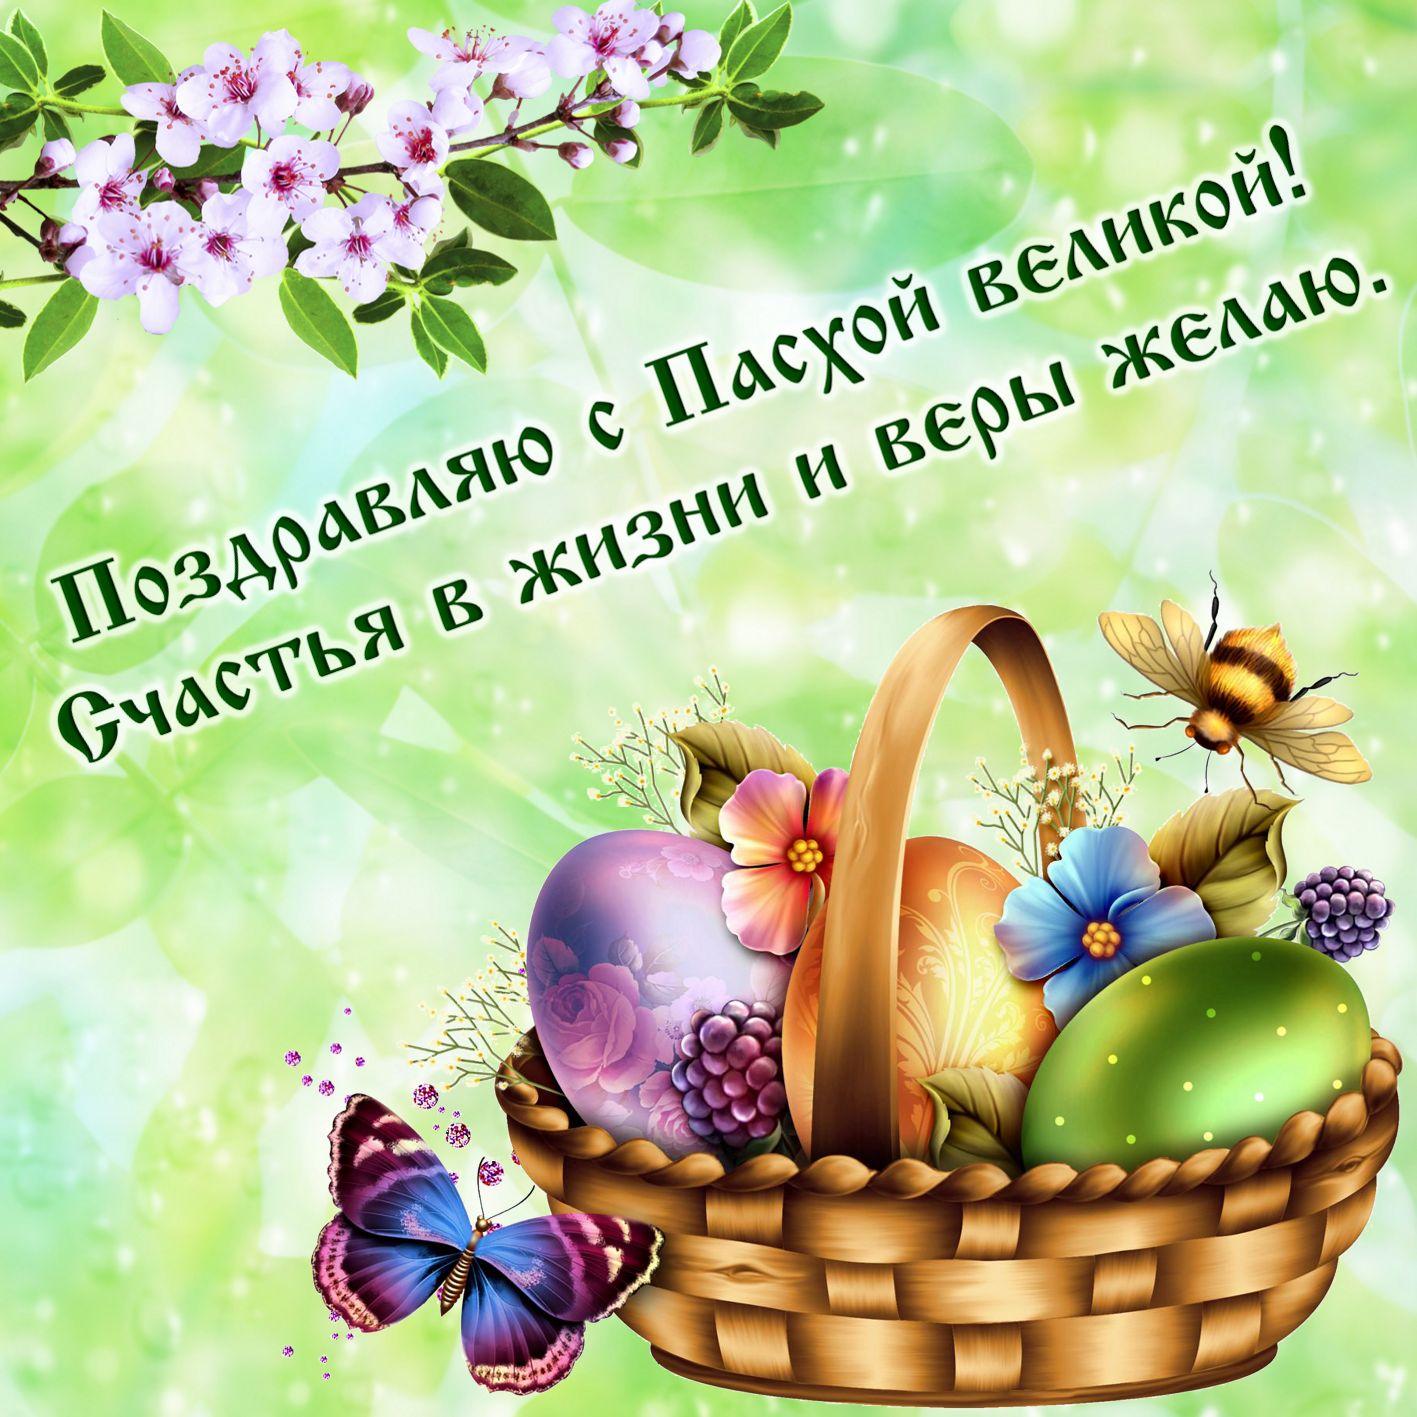 Красивые смс поздравления с Пасхой Христовой - 16 80